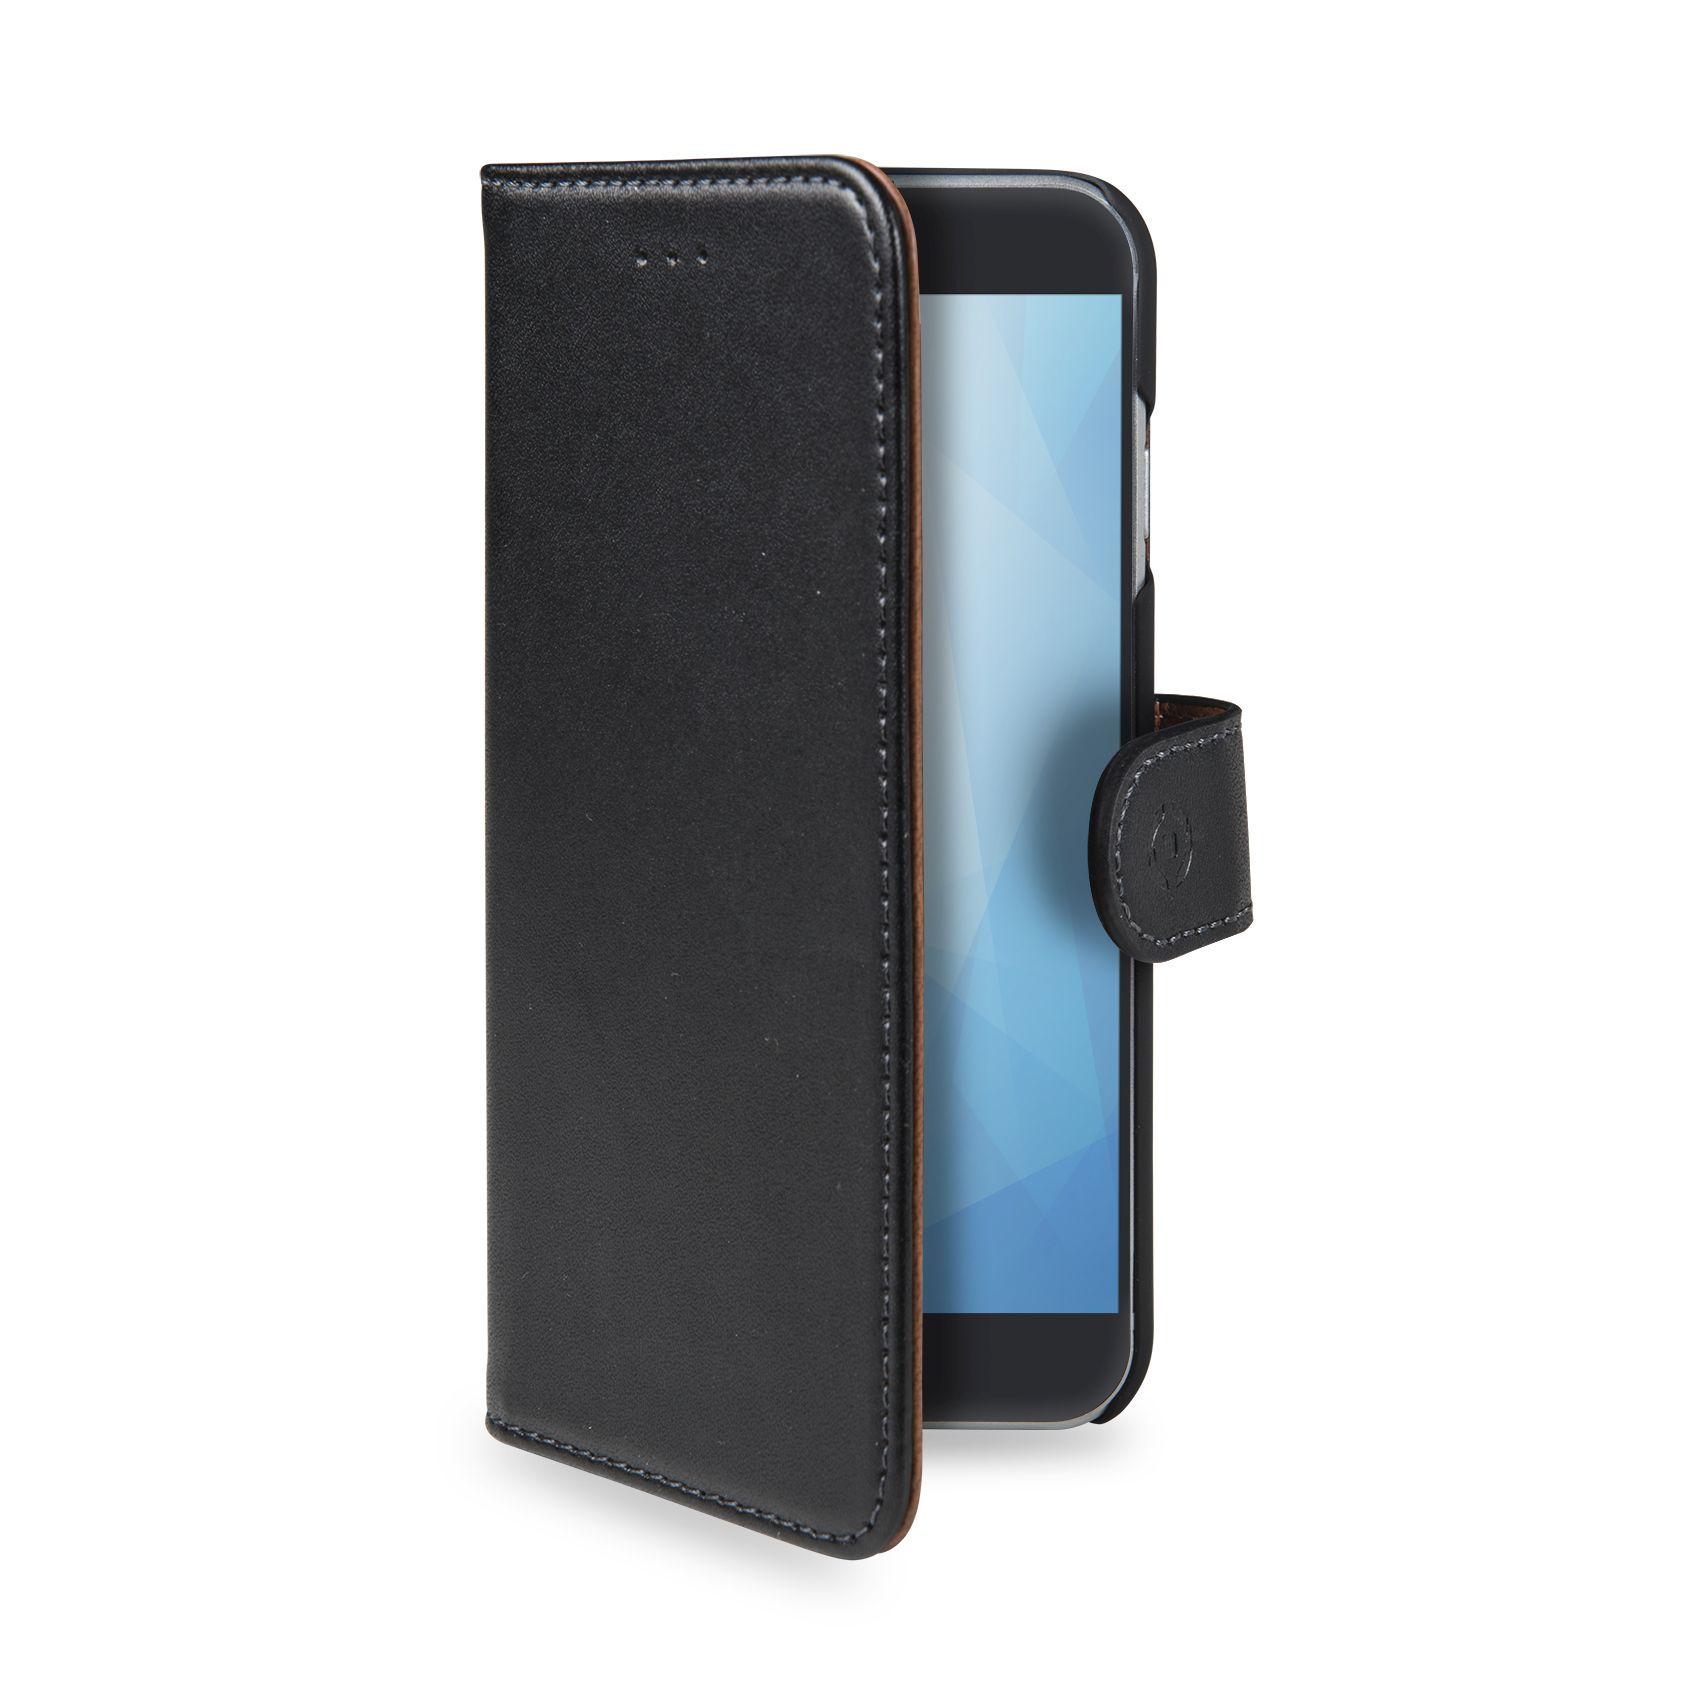 CELLY Wally flipové pouzdro pro Huawei Y9 (2018), PU kůže, black